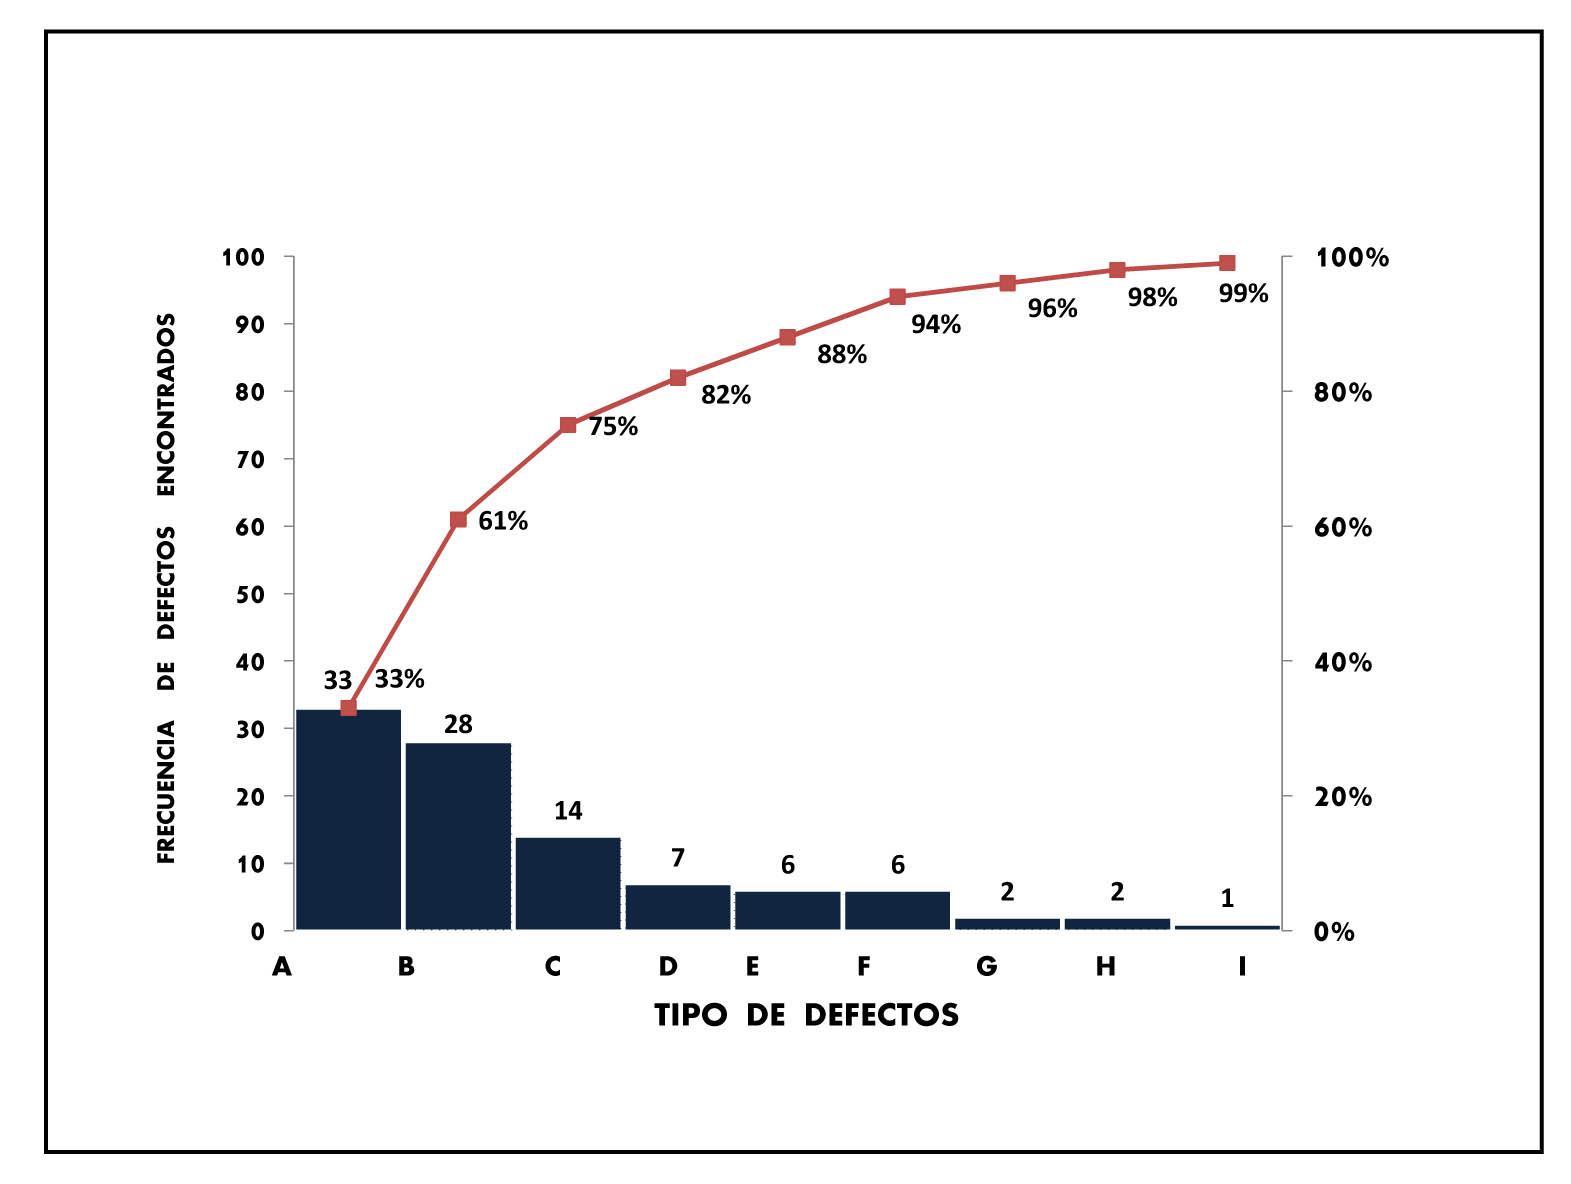 Lean six sigma pareto todo proyecto 6 sigma empieza y termina el diagrama de pareto tambin llamado curva cerrada o distribucin a b c es una grfica para organizar datos de forma que estos queden en orden ccuart Images